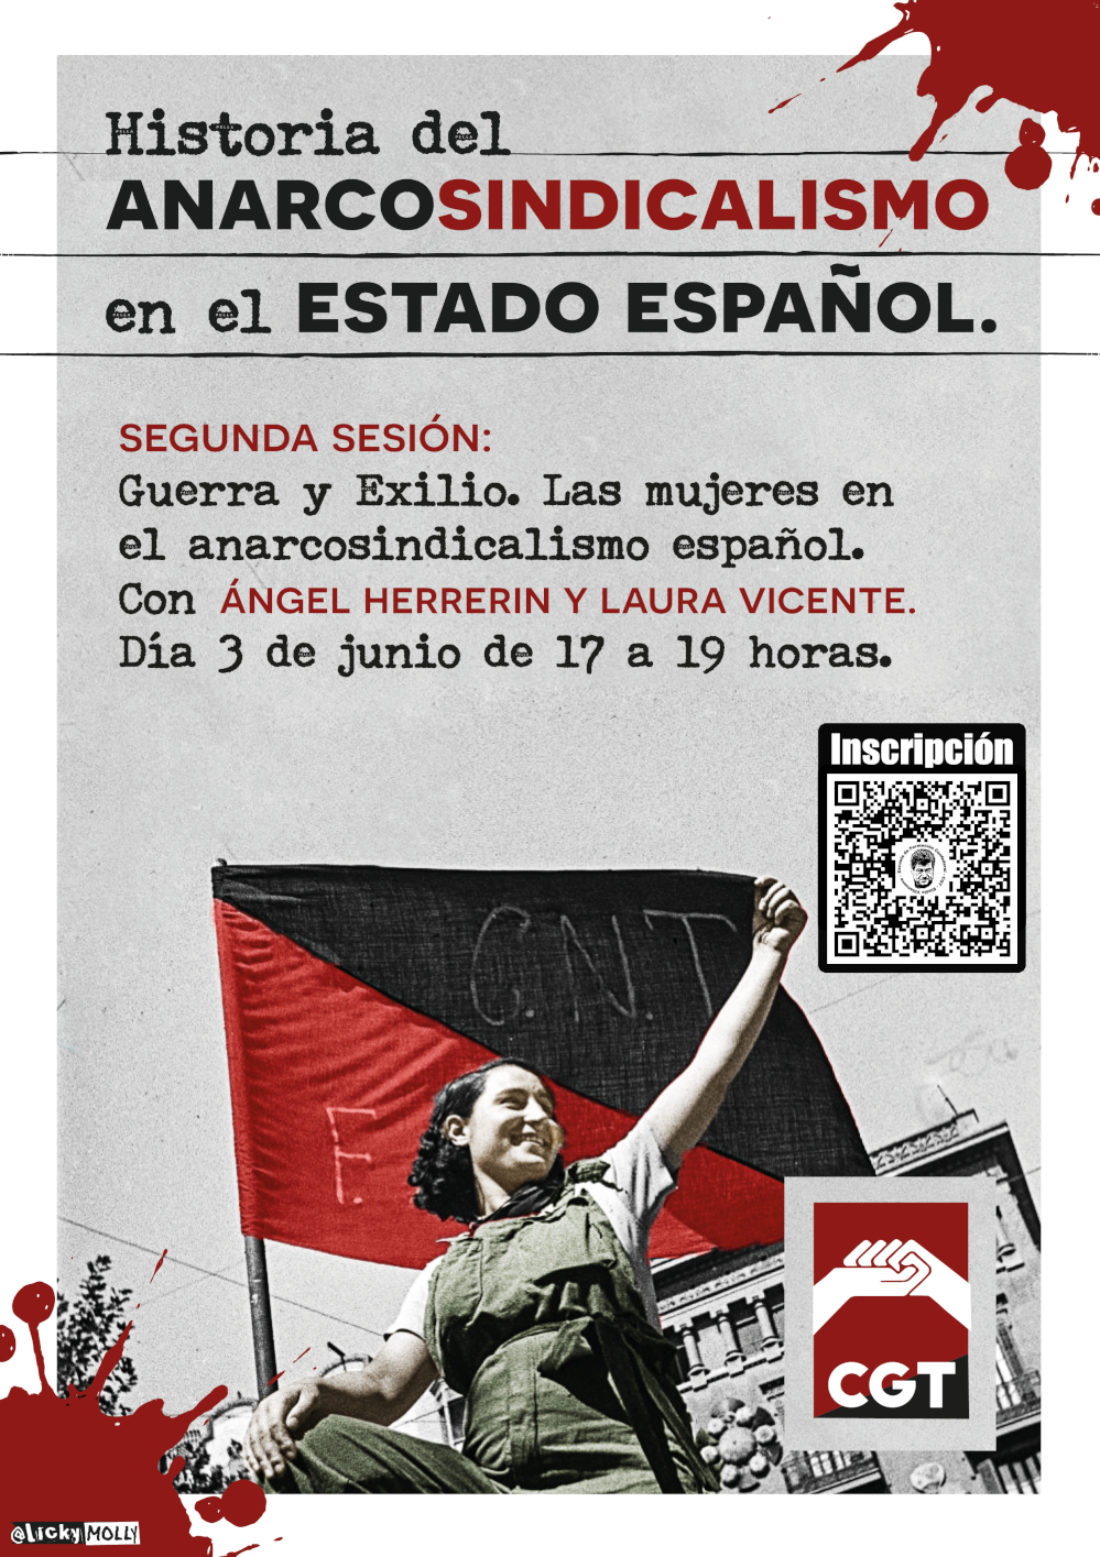 II Sesión sobre la Historia del Anarcosindicalismo en el Estado español